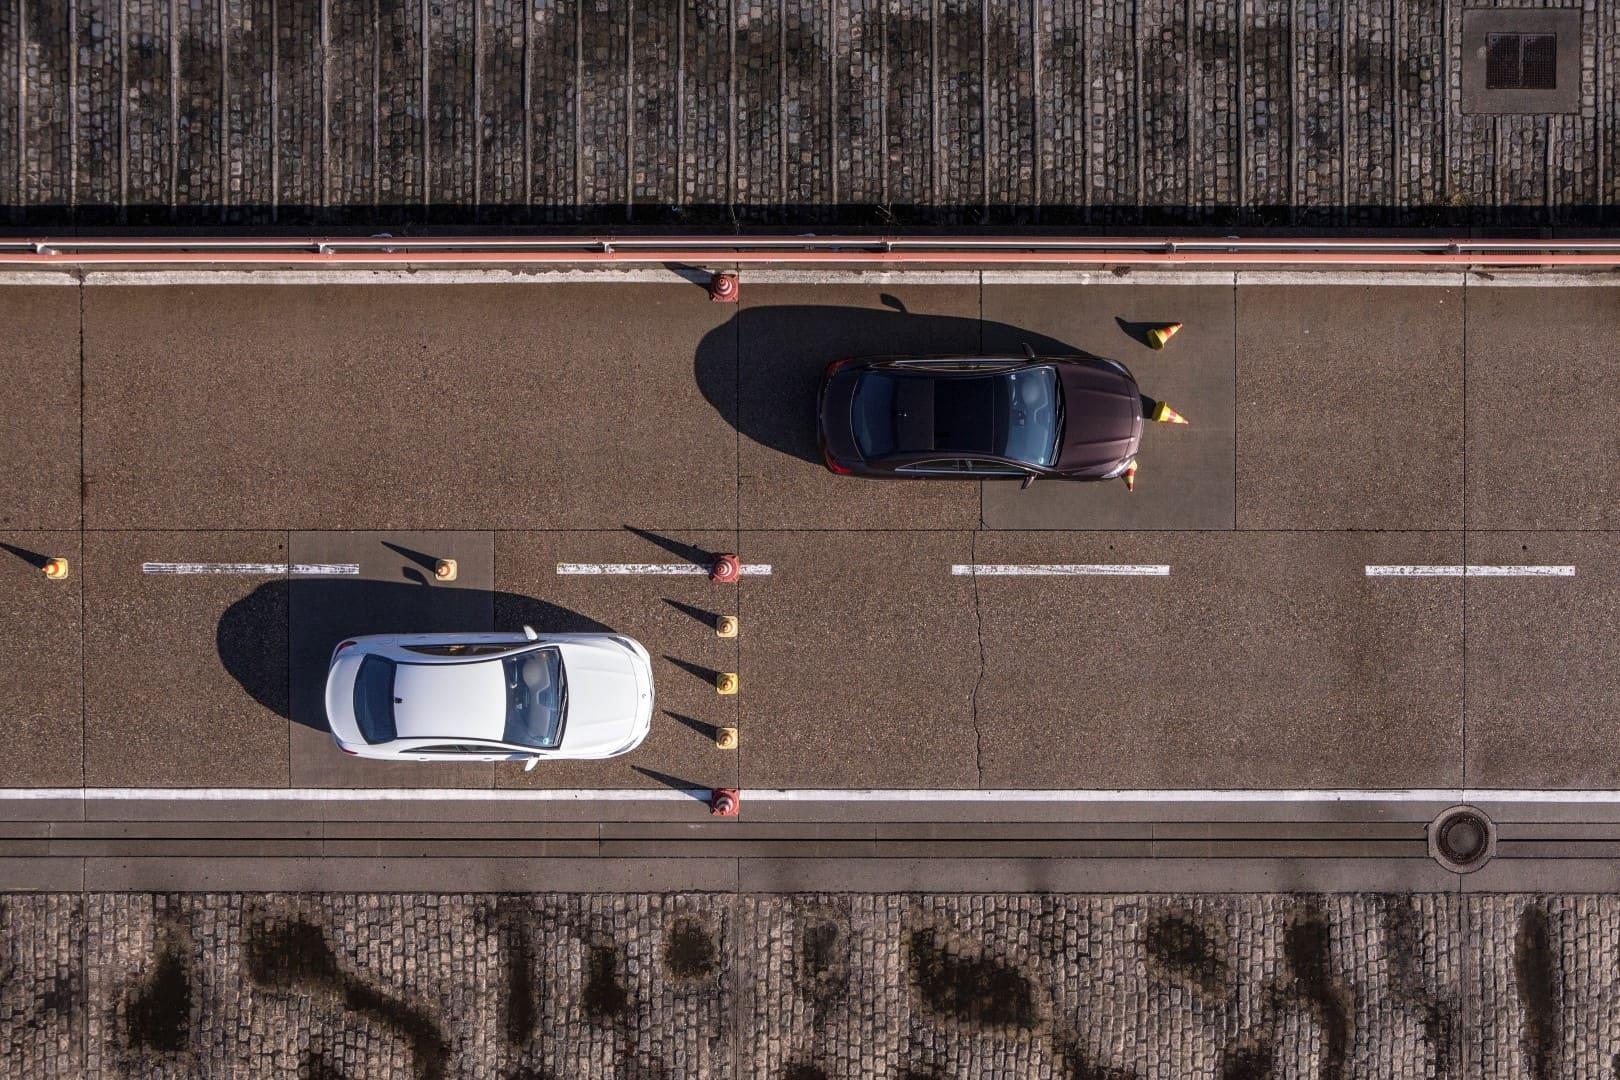 Як Mercedes-Benz бореться з торгівлею підробленими запчастинами